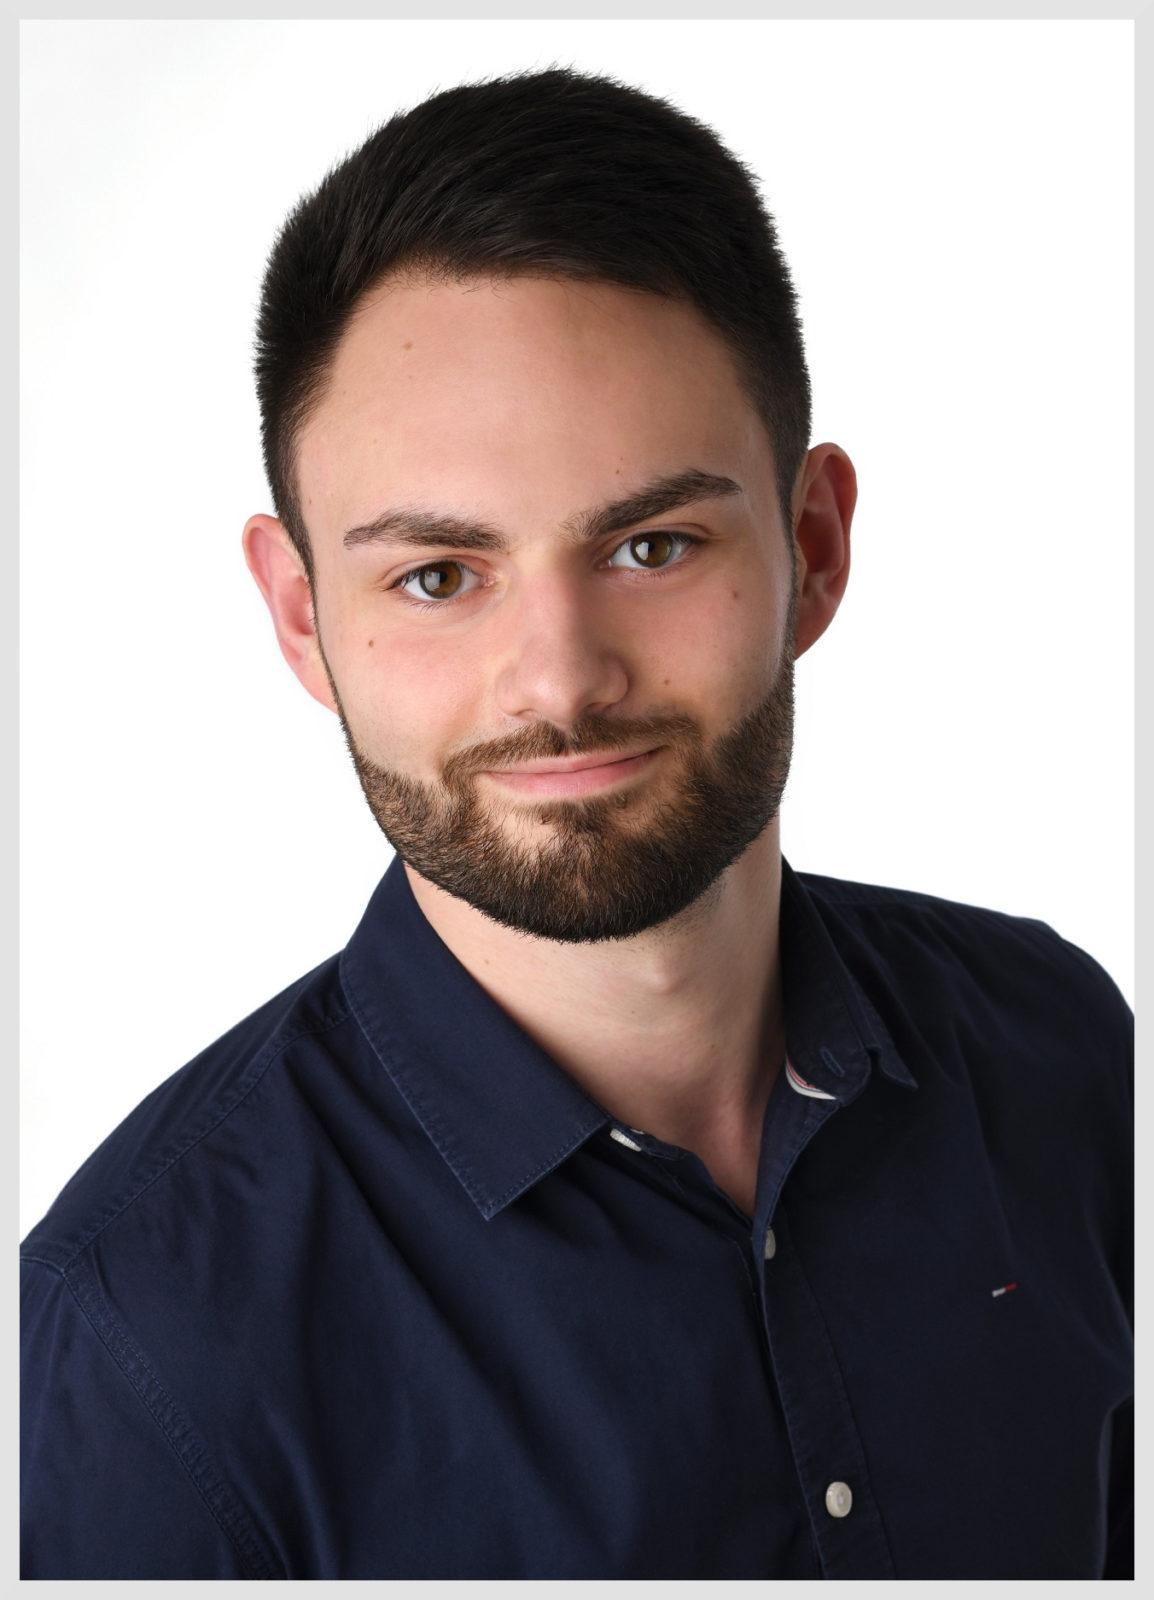 Daniel Goroschko